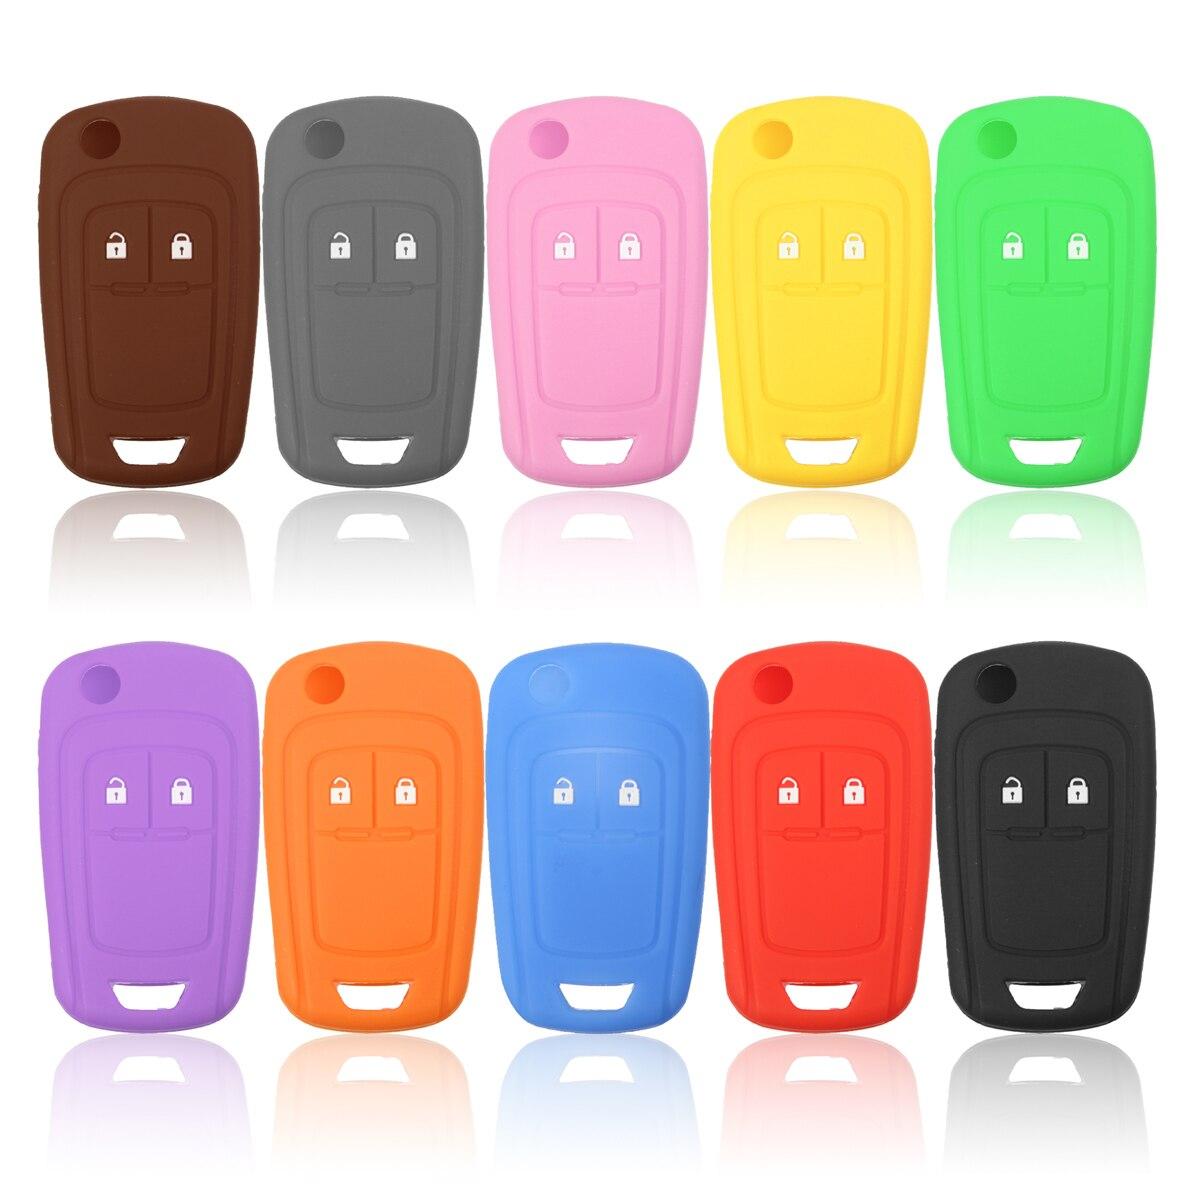 Funda de silicona Multicolor para llave, 2 botones, para VAUXHALL OPEL INSIGNIA para CORSA